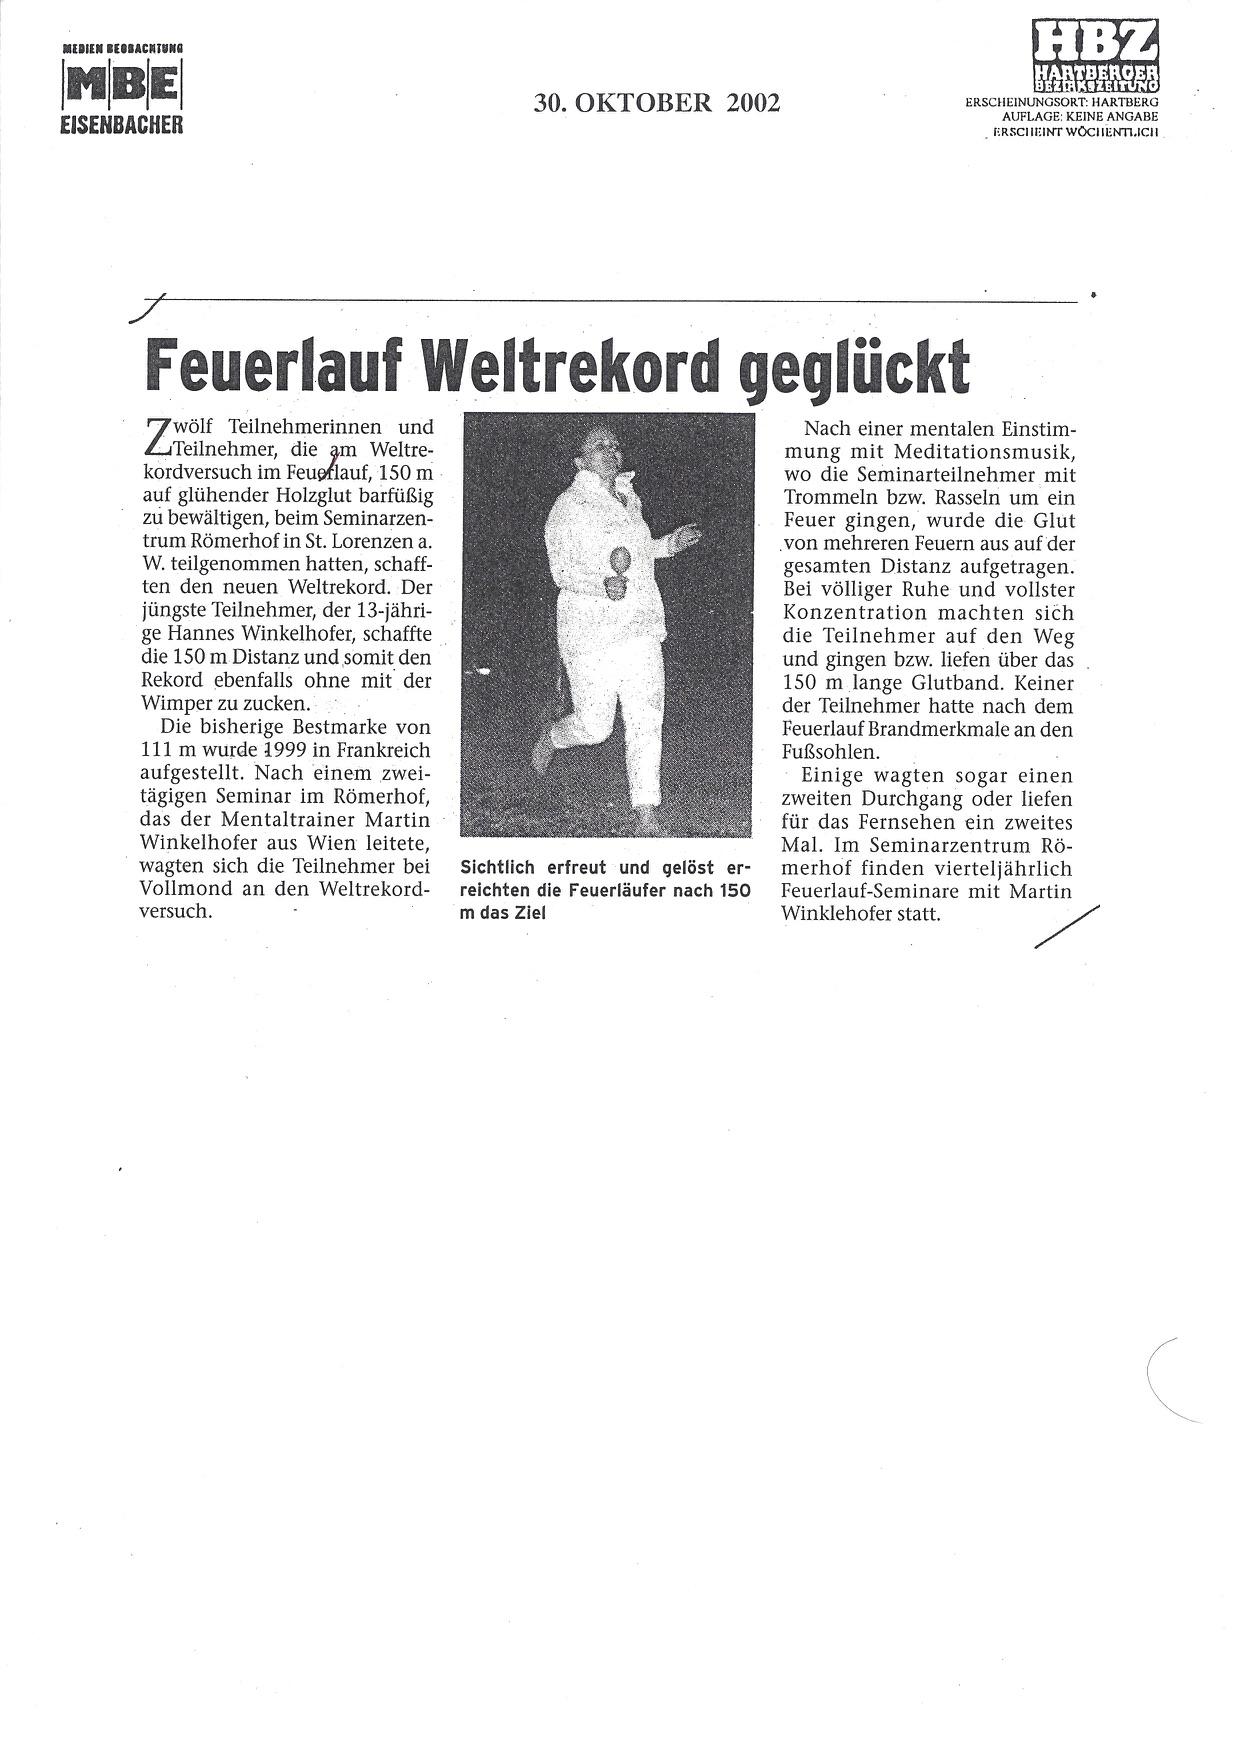 Feuerlauf - Weltrekord Martin Winkelhofer